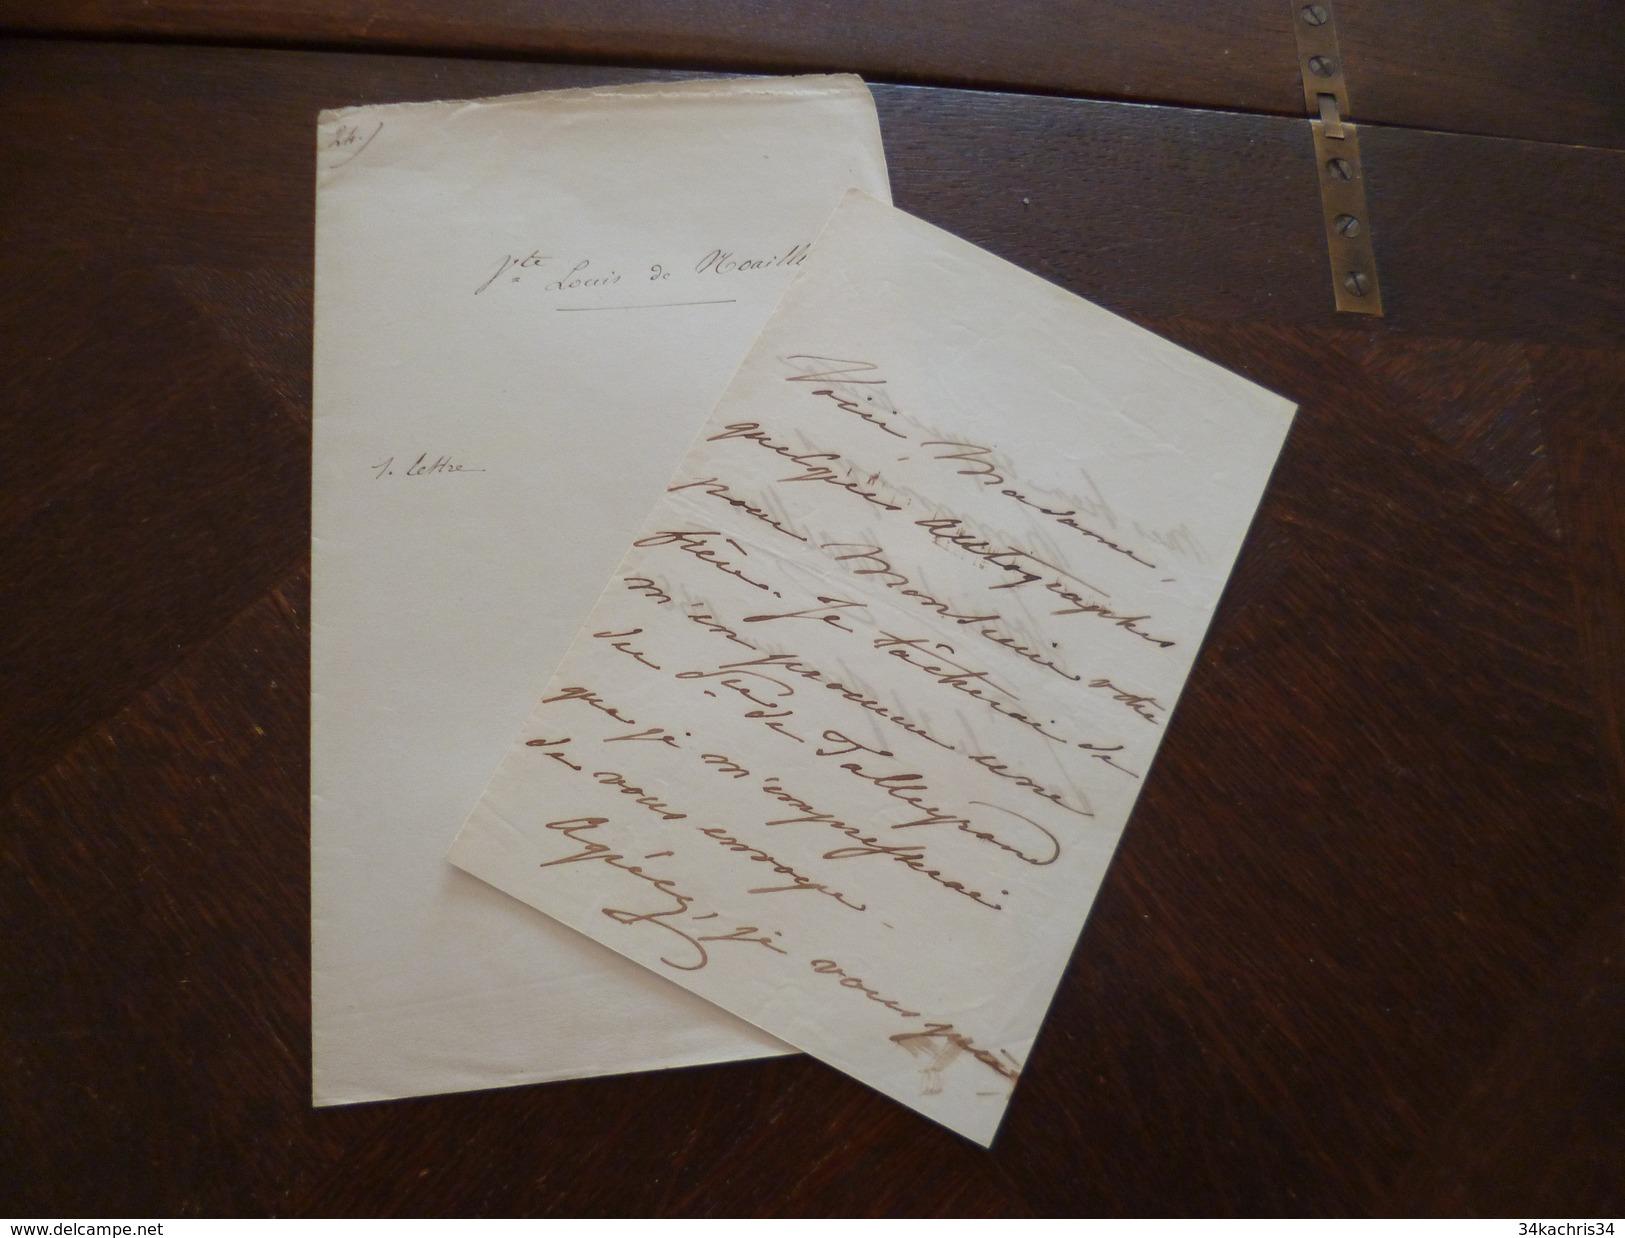 LAS Autographe Vicomte Luois De Noailles à Propos D'autographes; Dont Talleyrand 24/01/1850 - Autographes